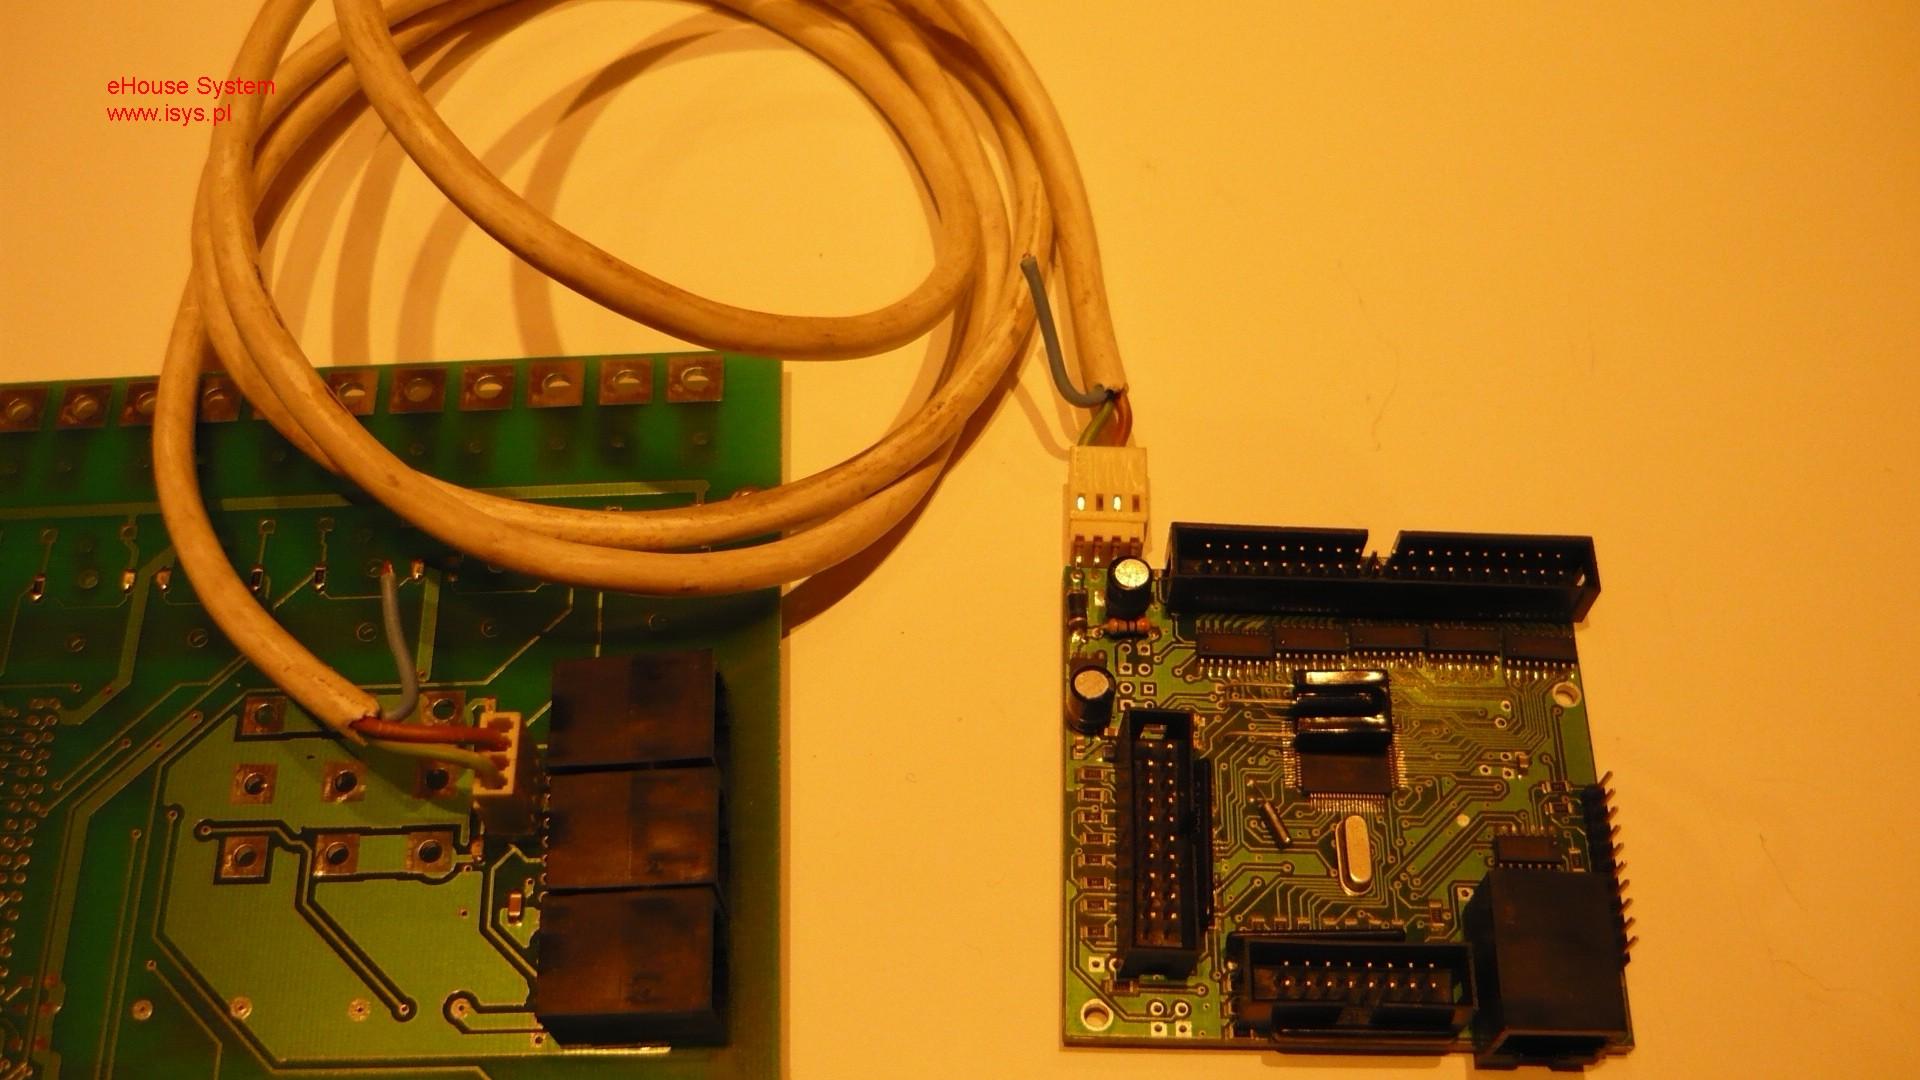 domotique , domotique ehouse - connexion au bus de puissance de la RM , EM , HM (0 , HM (0